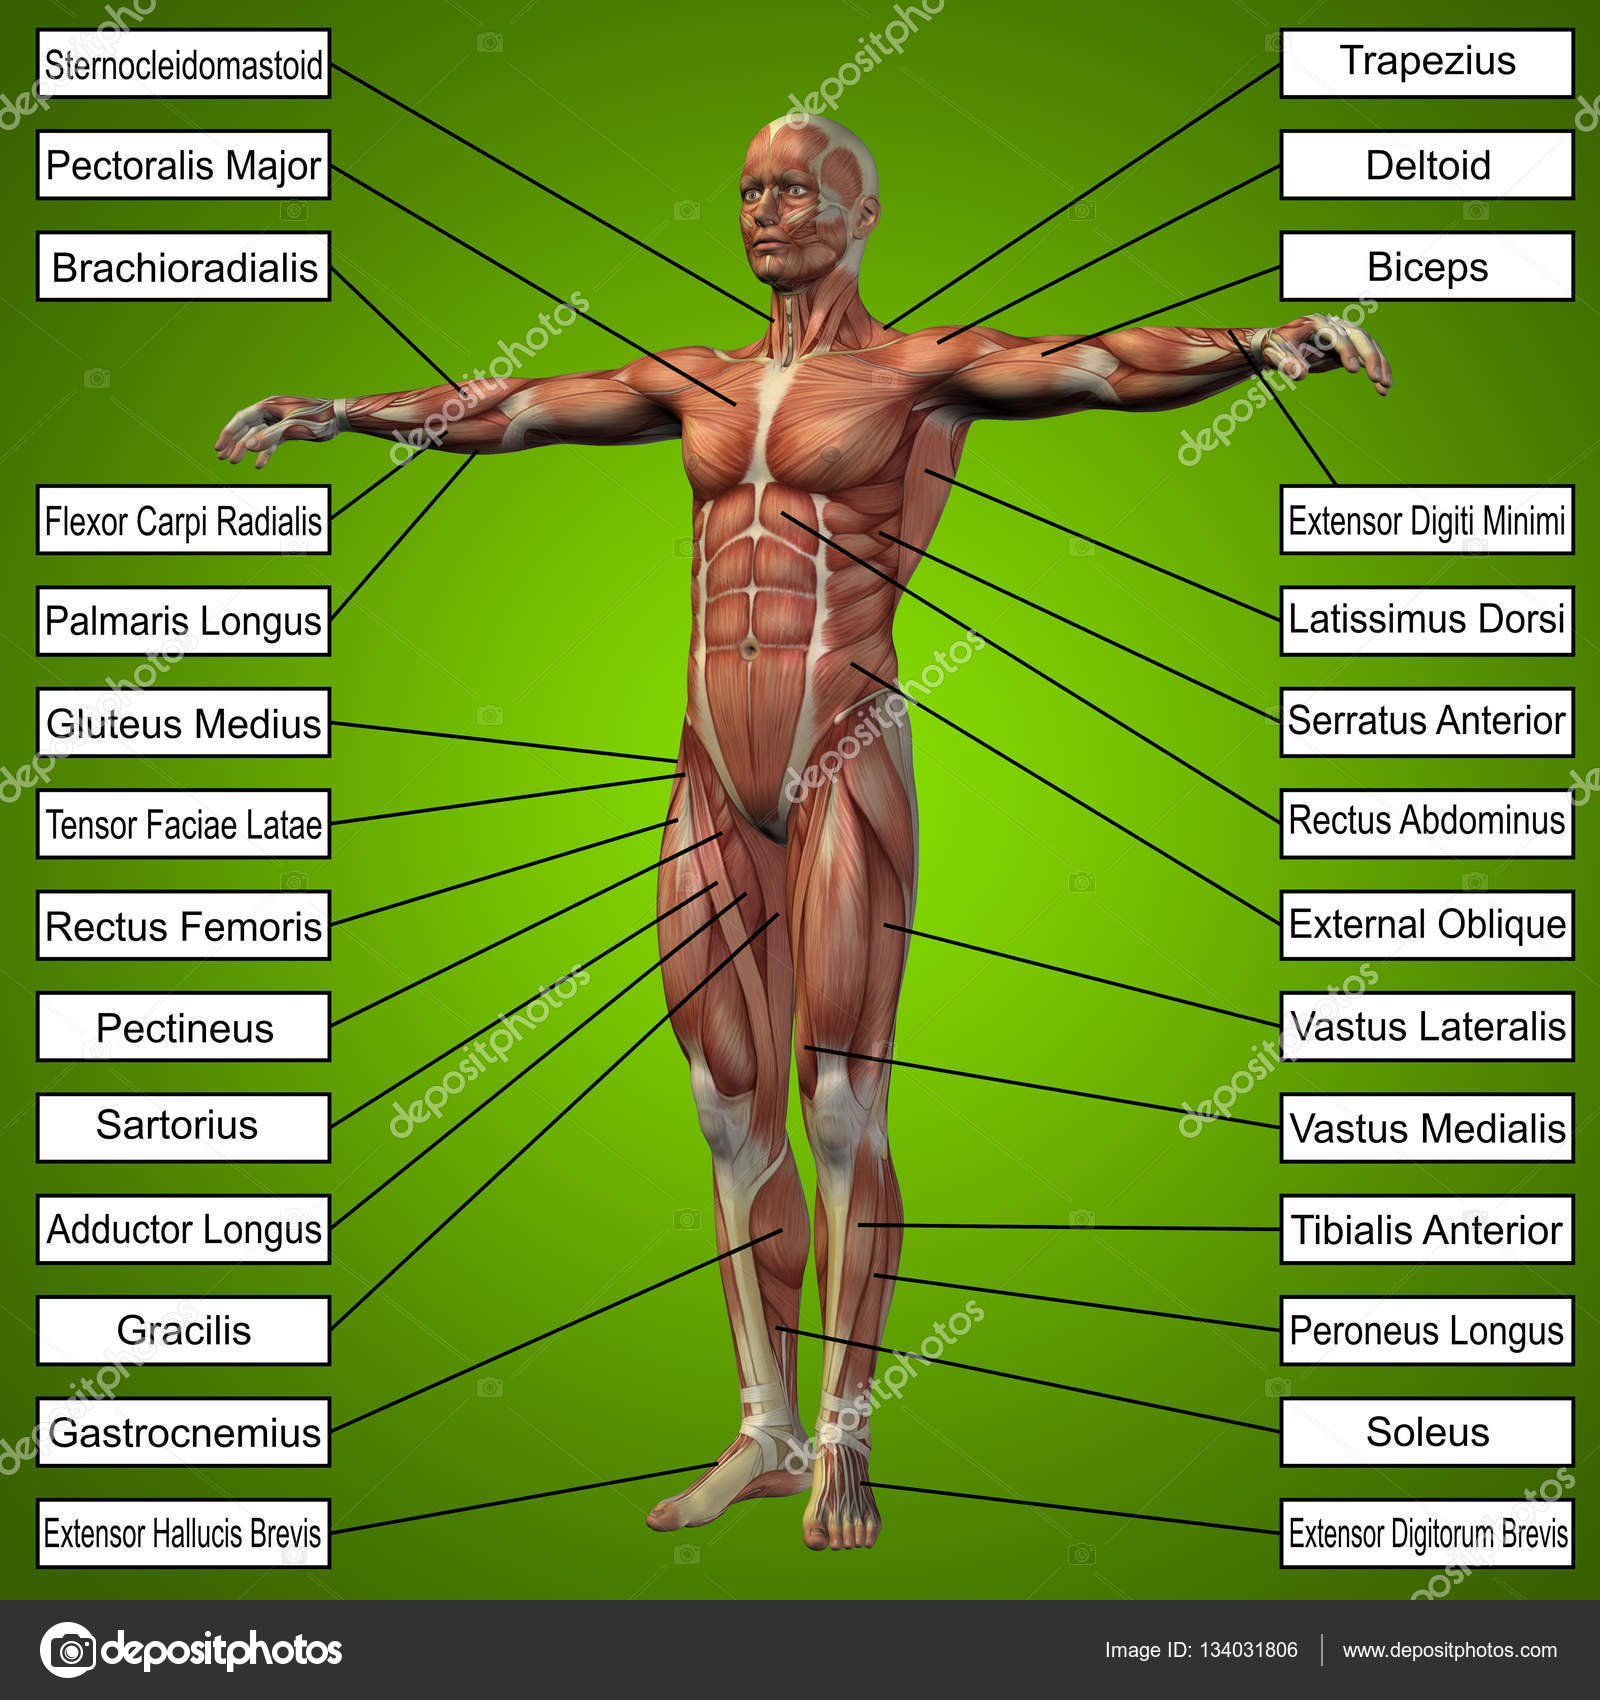 Menschliche Anatomie mit Muskeln — Stockfoto © design36 #134031806